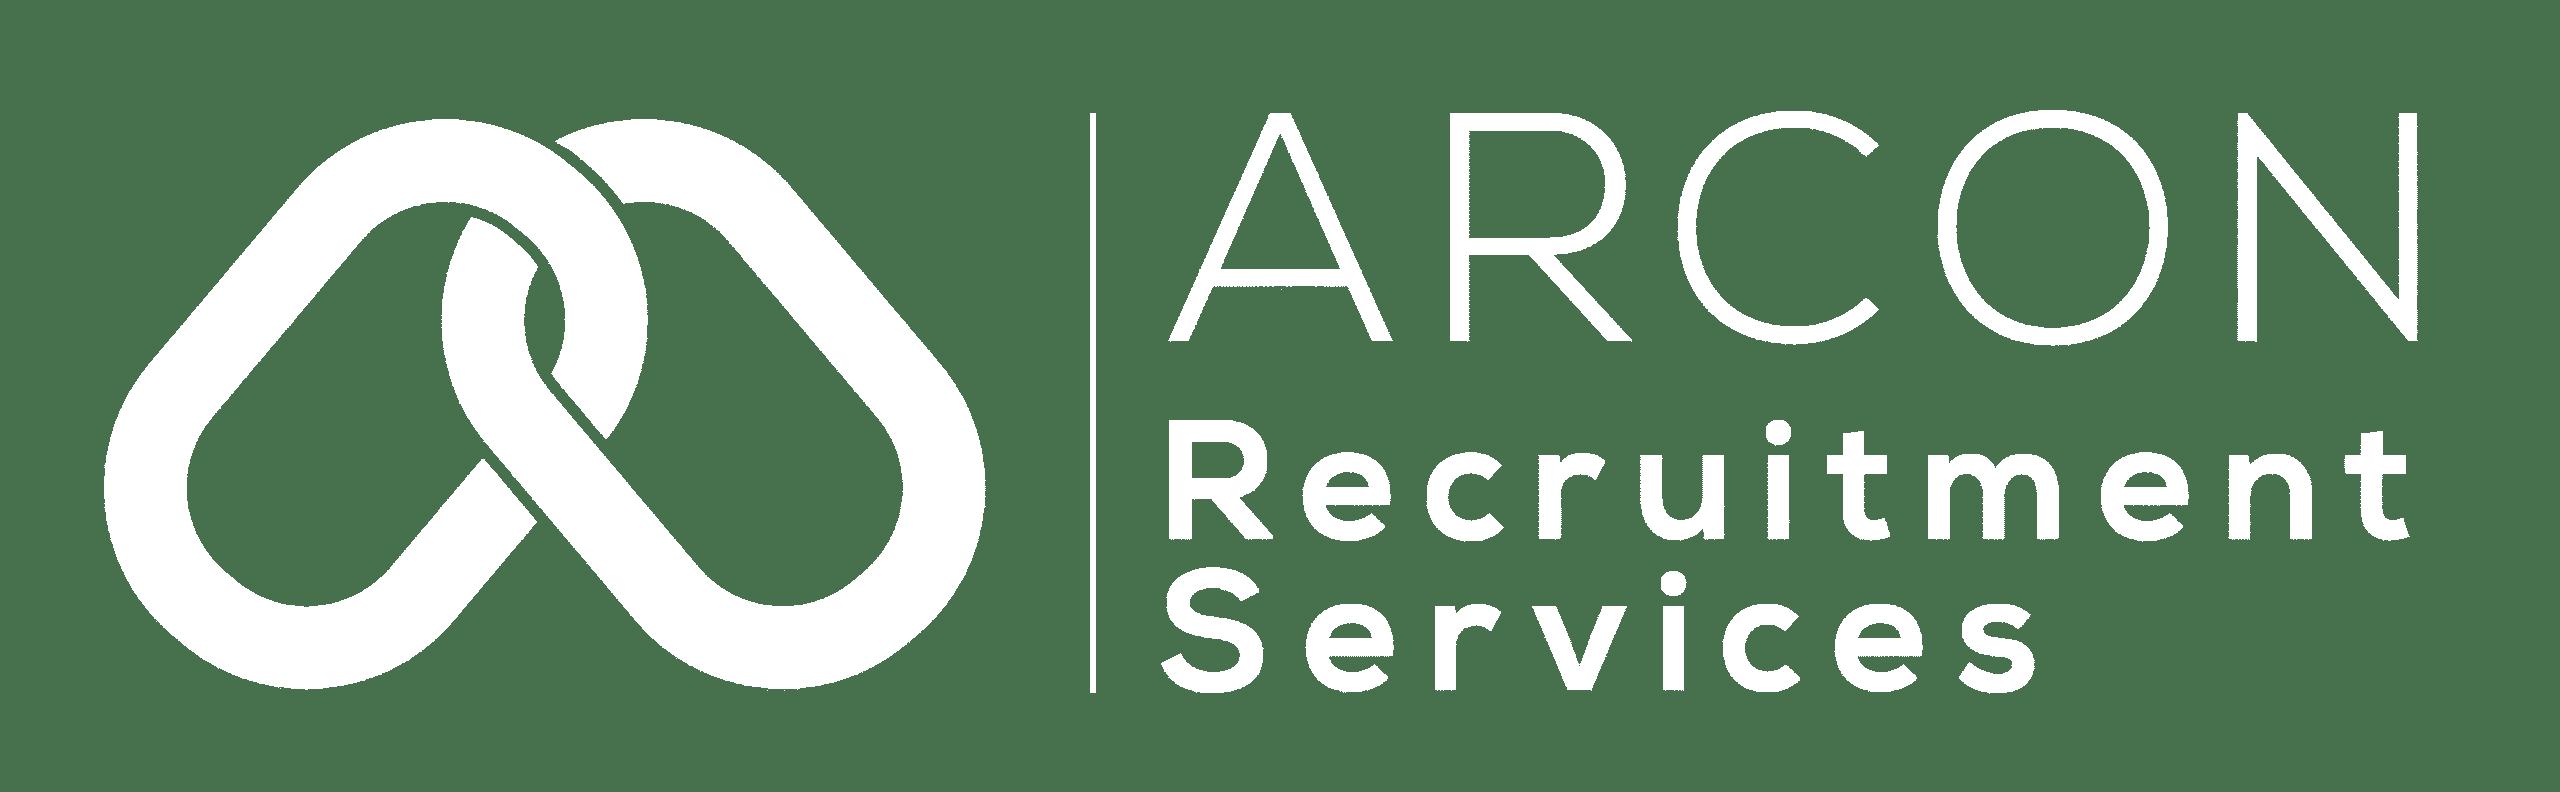 Arcon Recruitment Logo - Jobs in Ireland - Jobs in Connacht